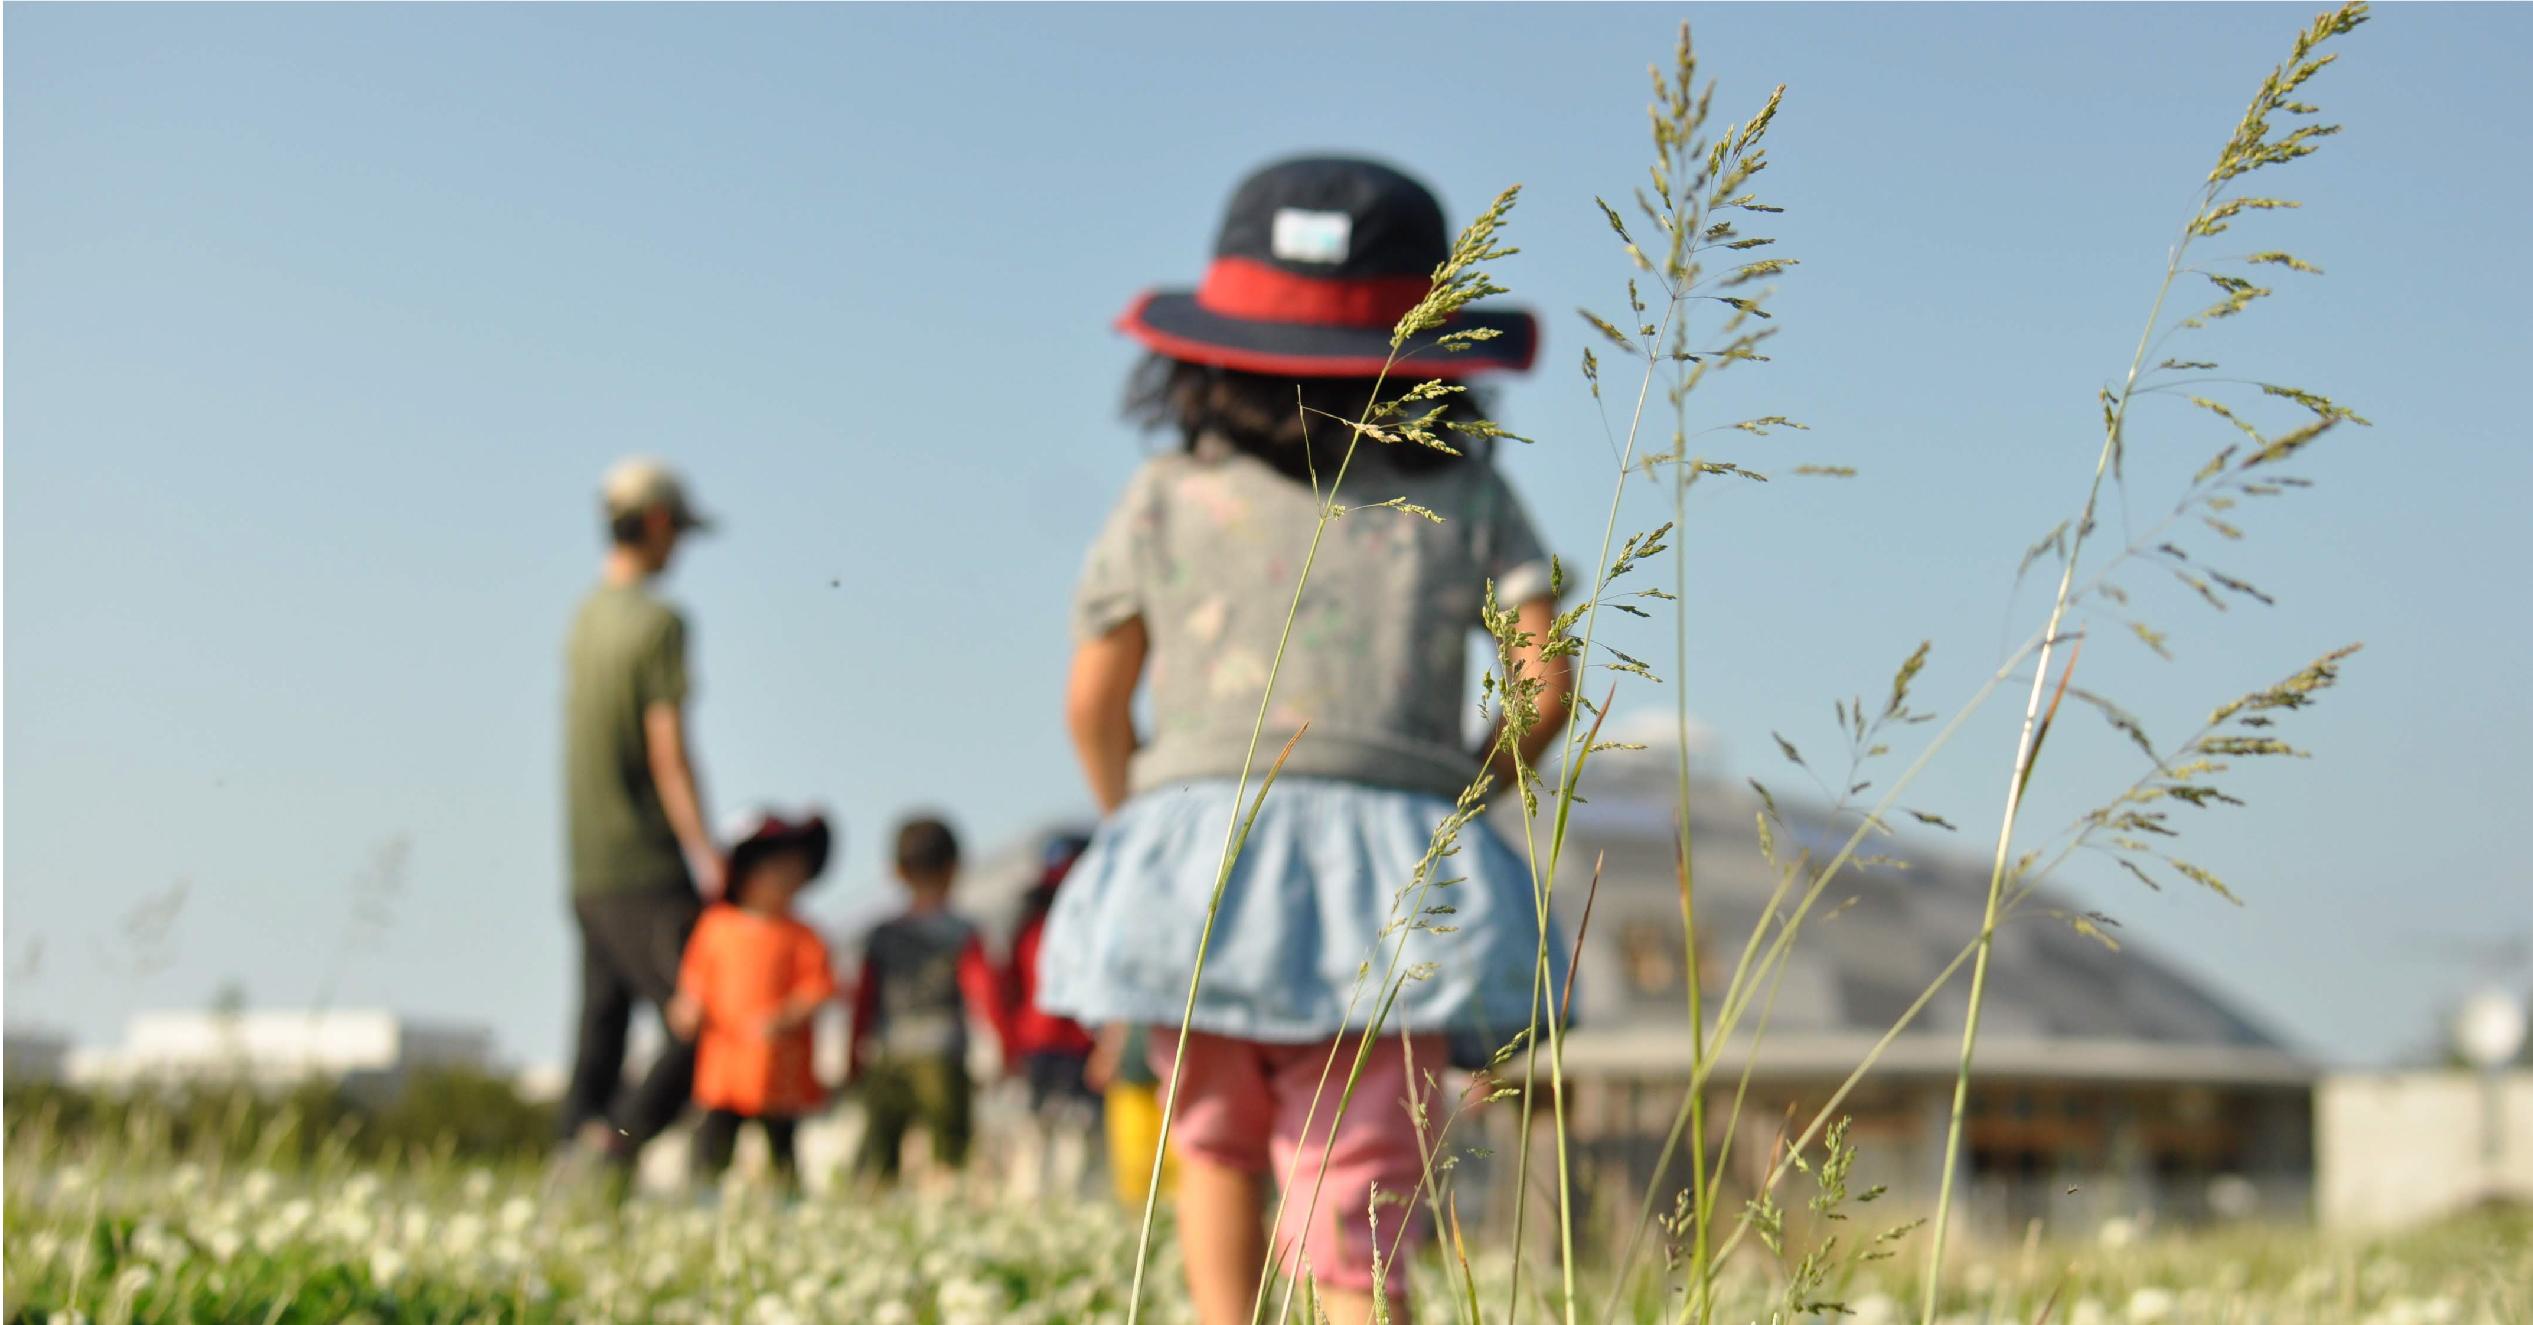 子どもたちと一緒に暮らしをつくる未来